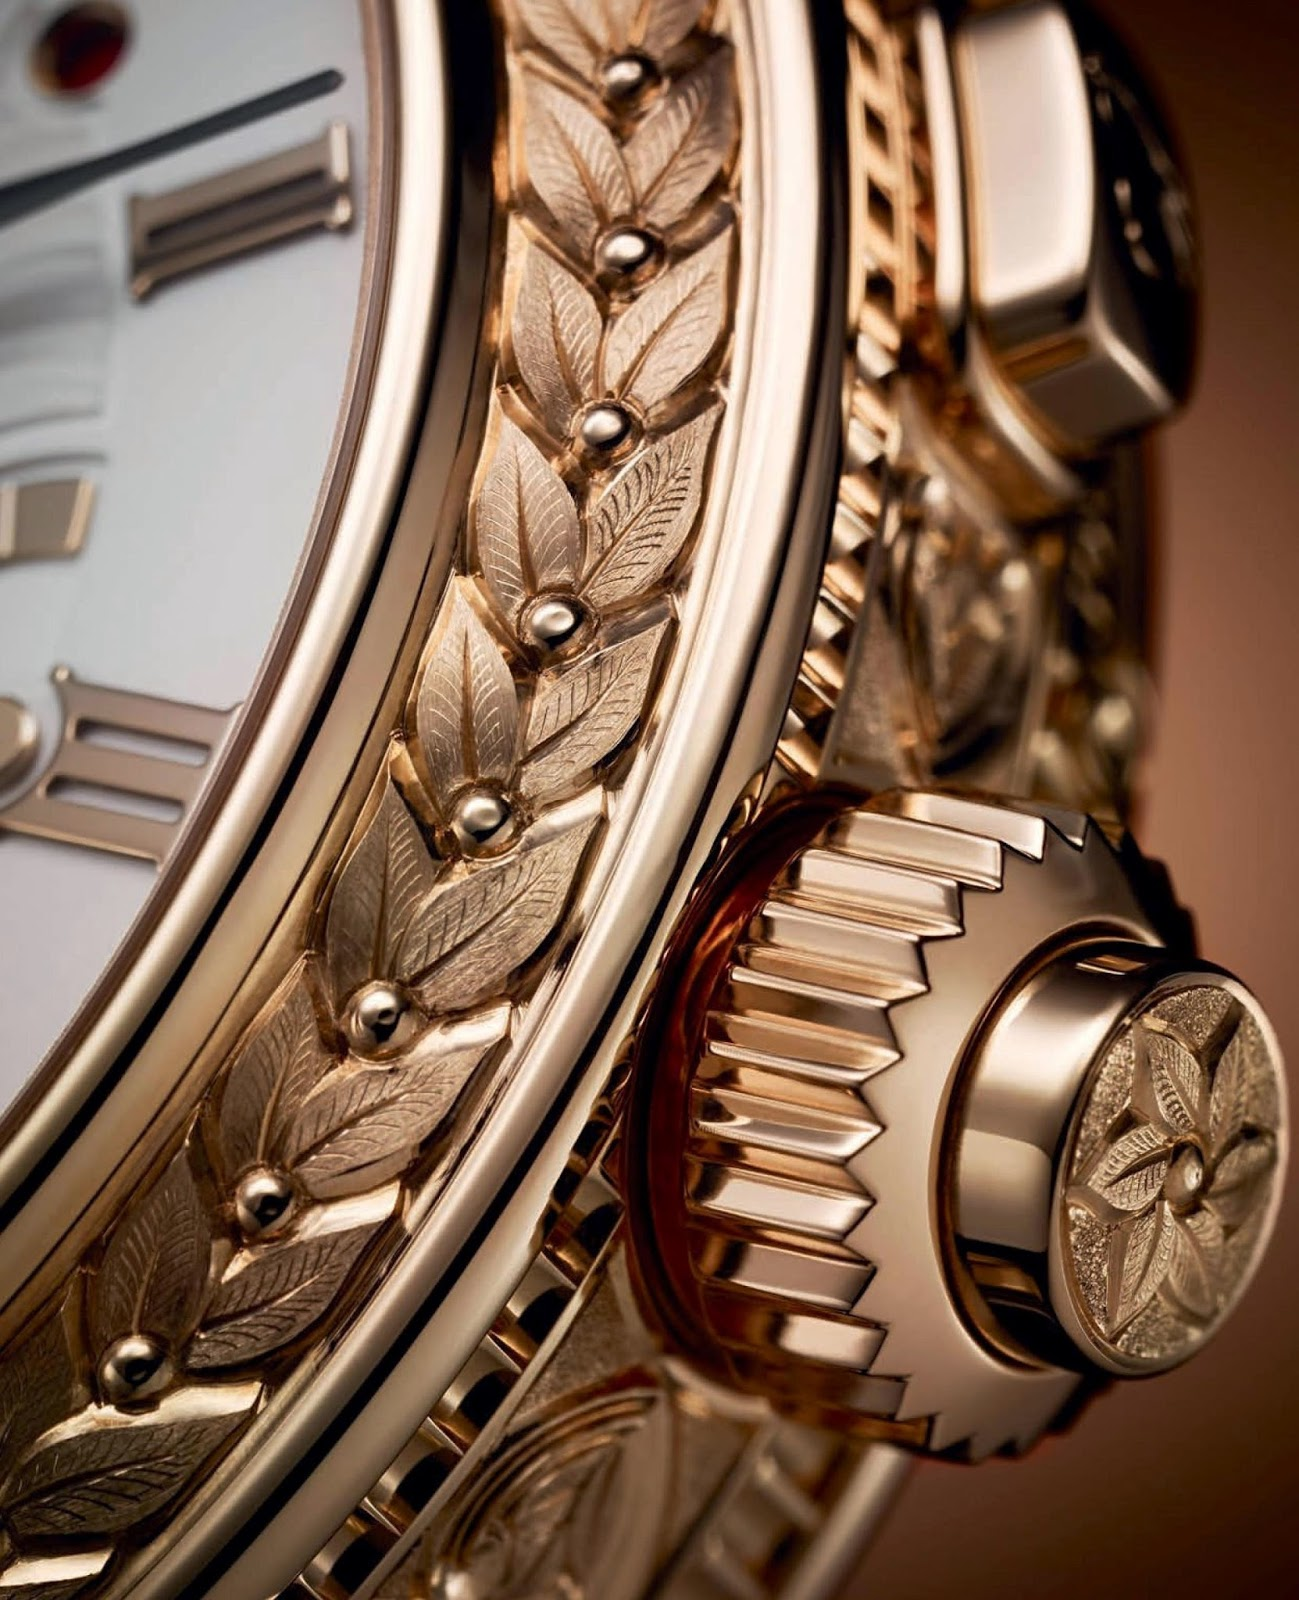 Patek Philippe Grandmaster Chime - Closeup